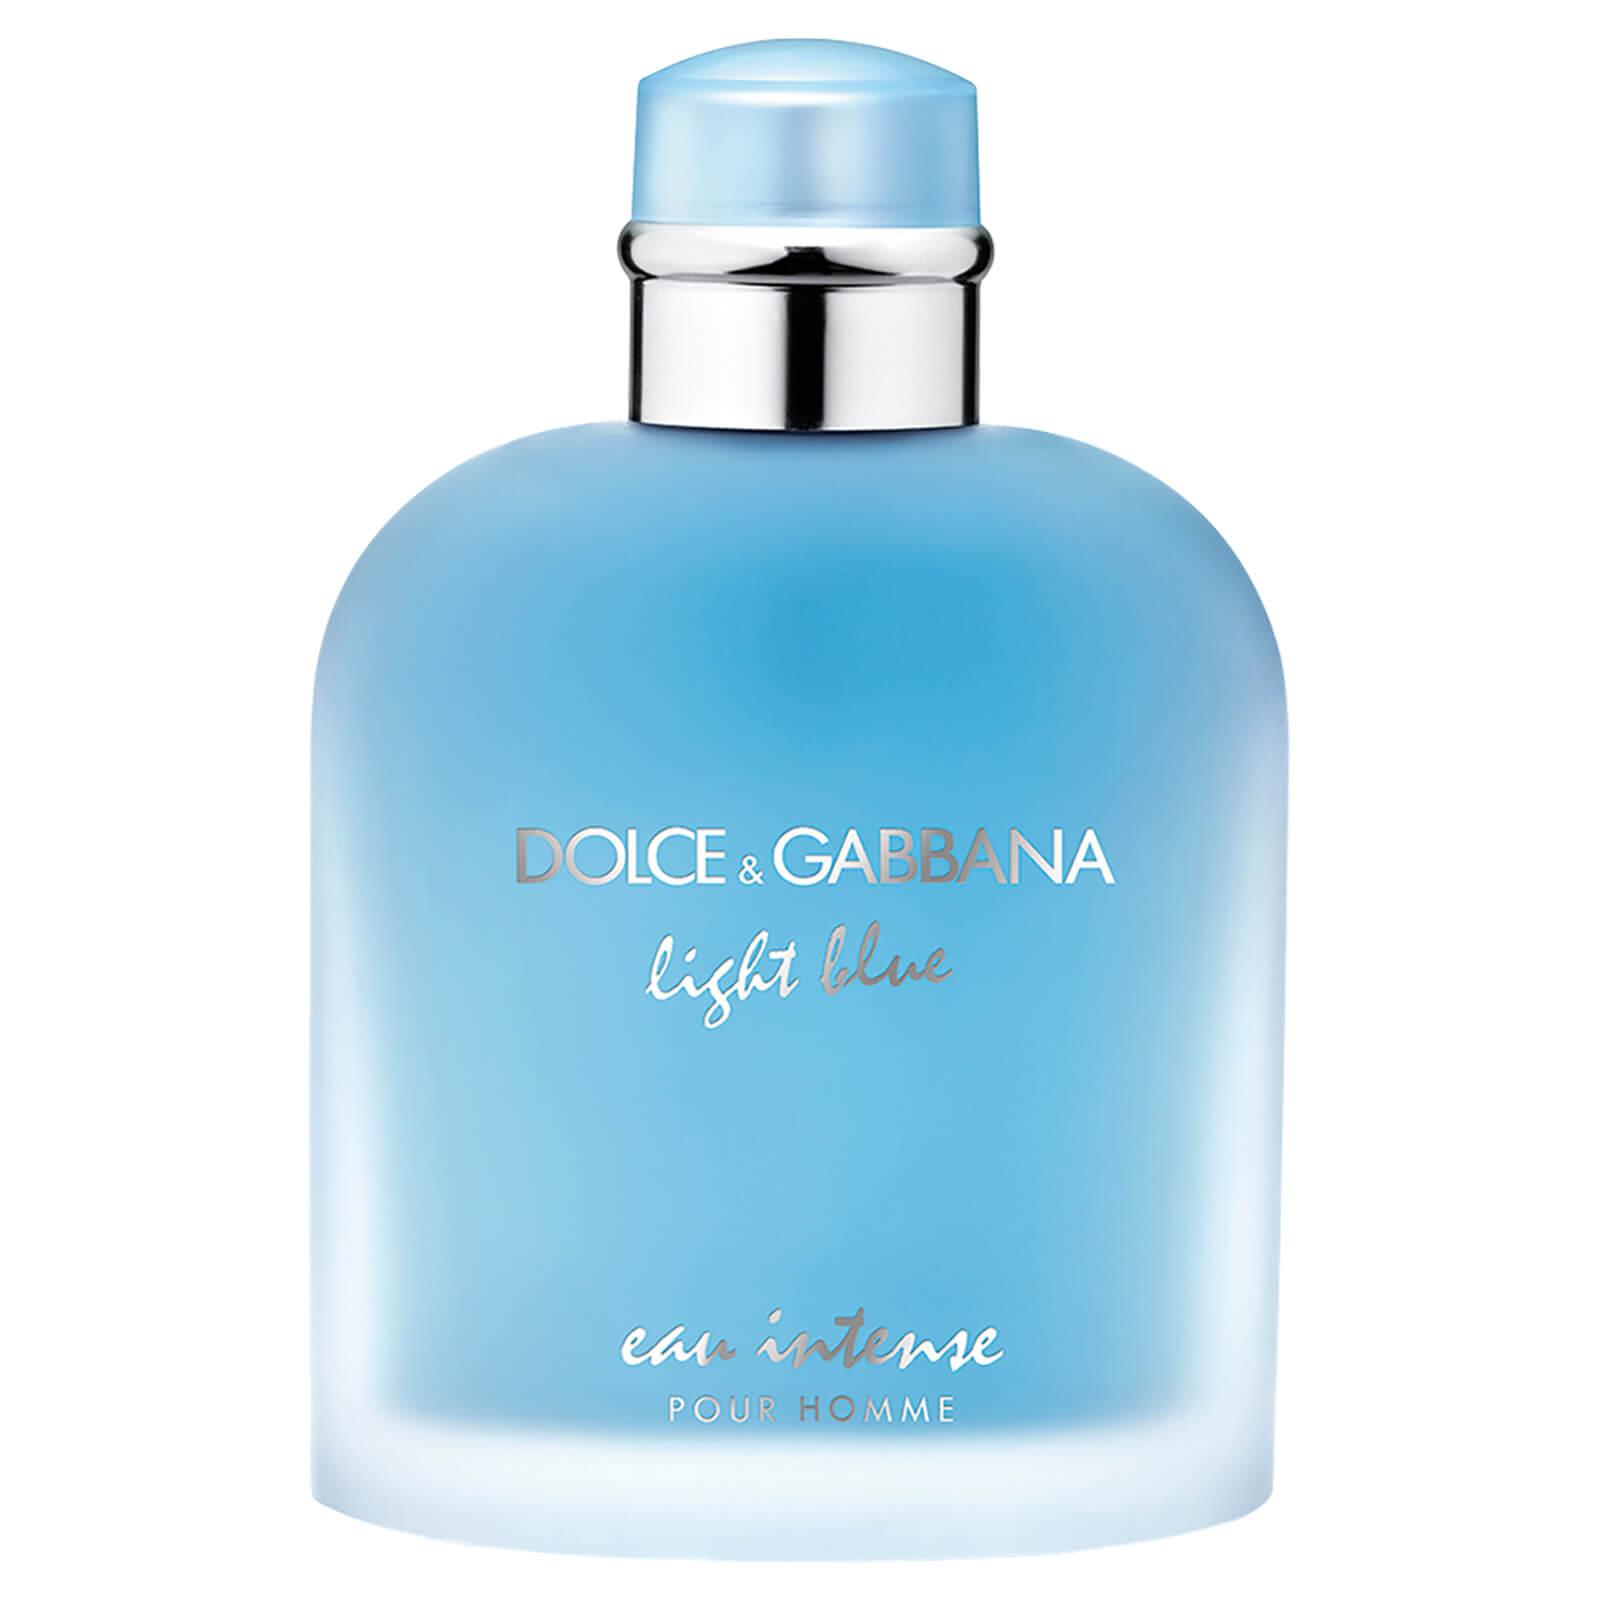 Dolce&Gabbana Light Blue Eau Intense Pour Homme Eau de Parfum - 200ml